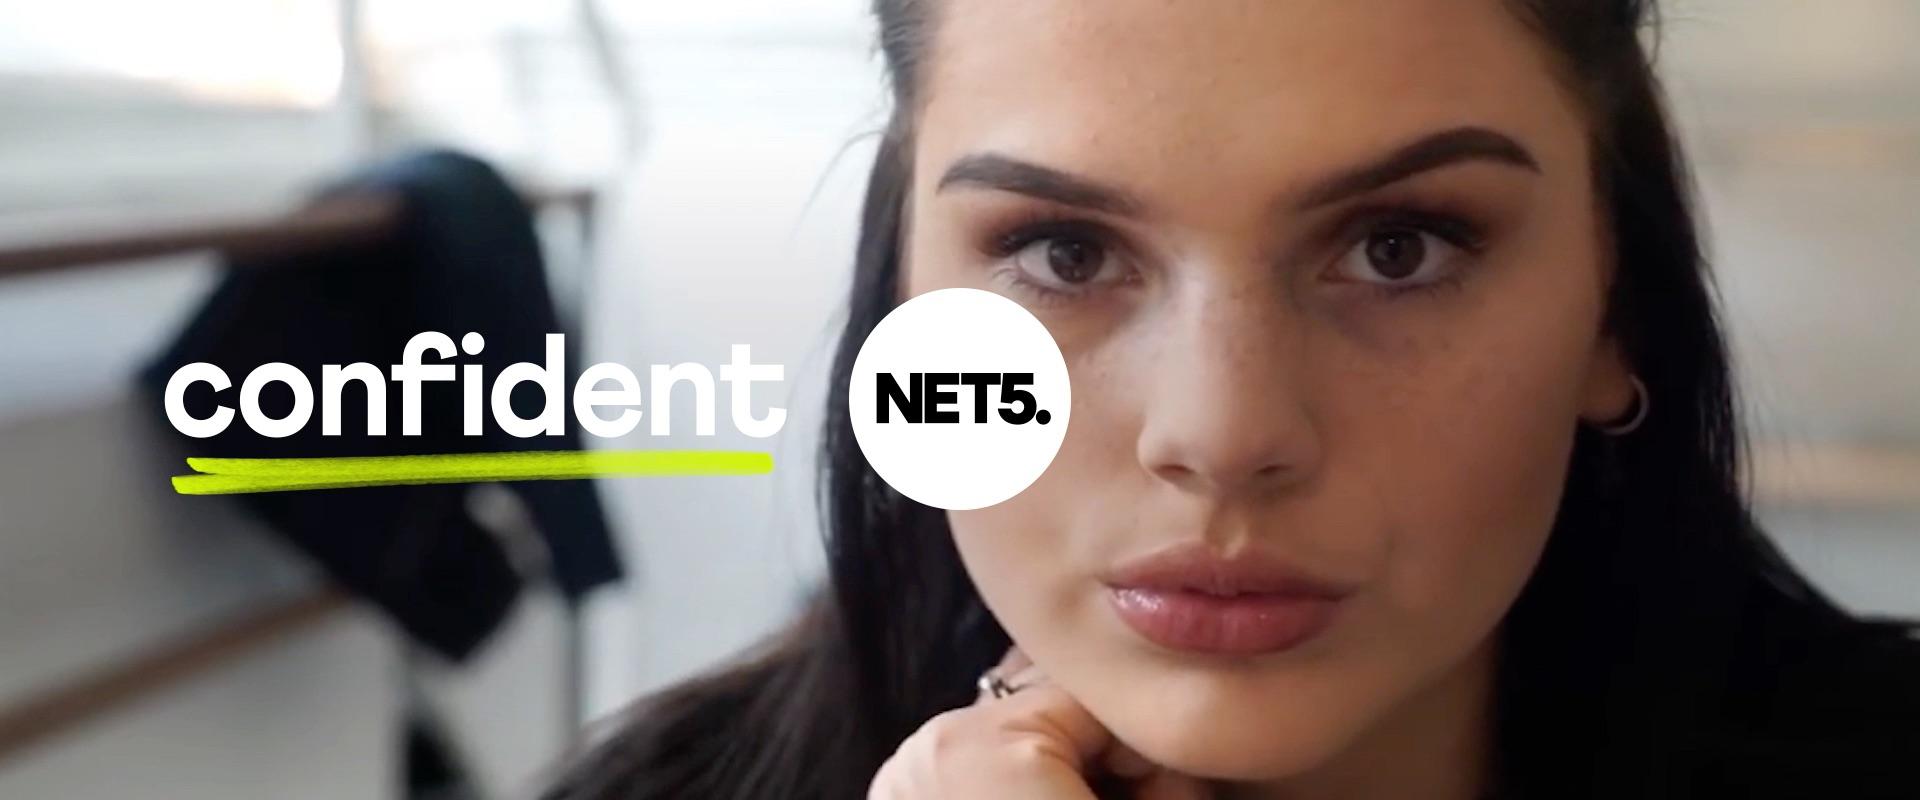 NET 5 Case Header